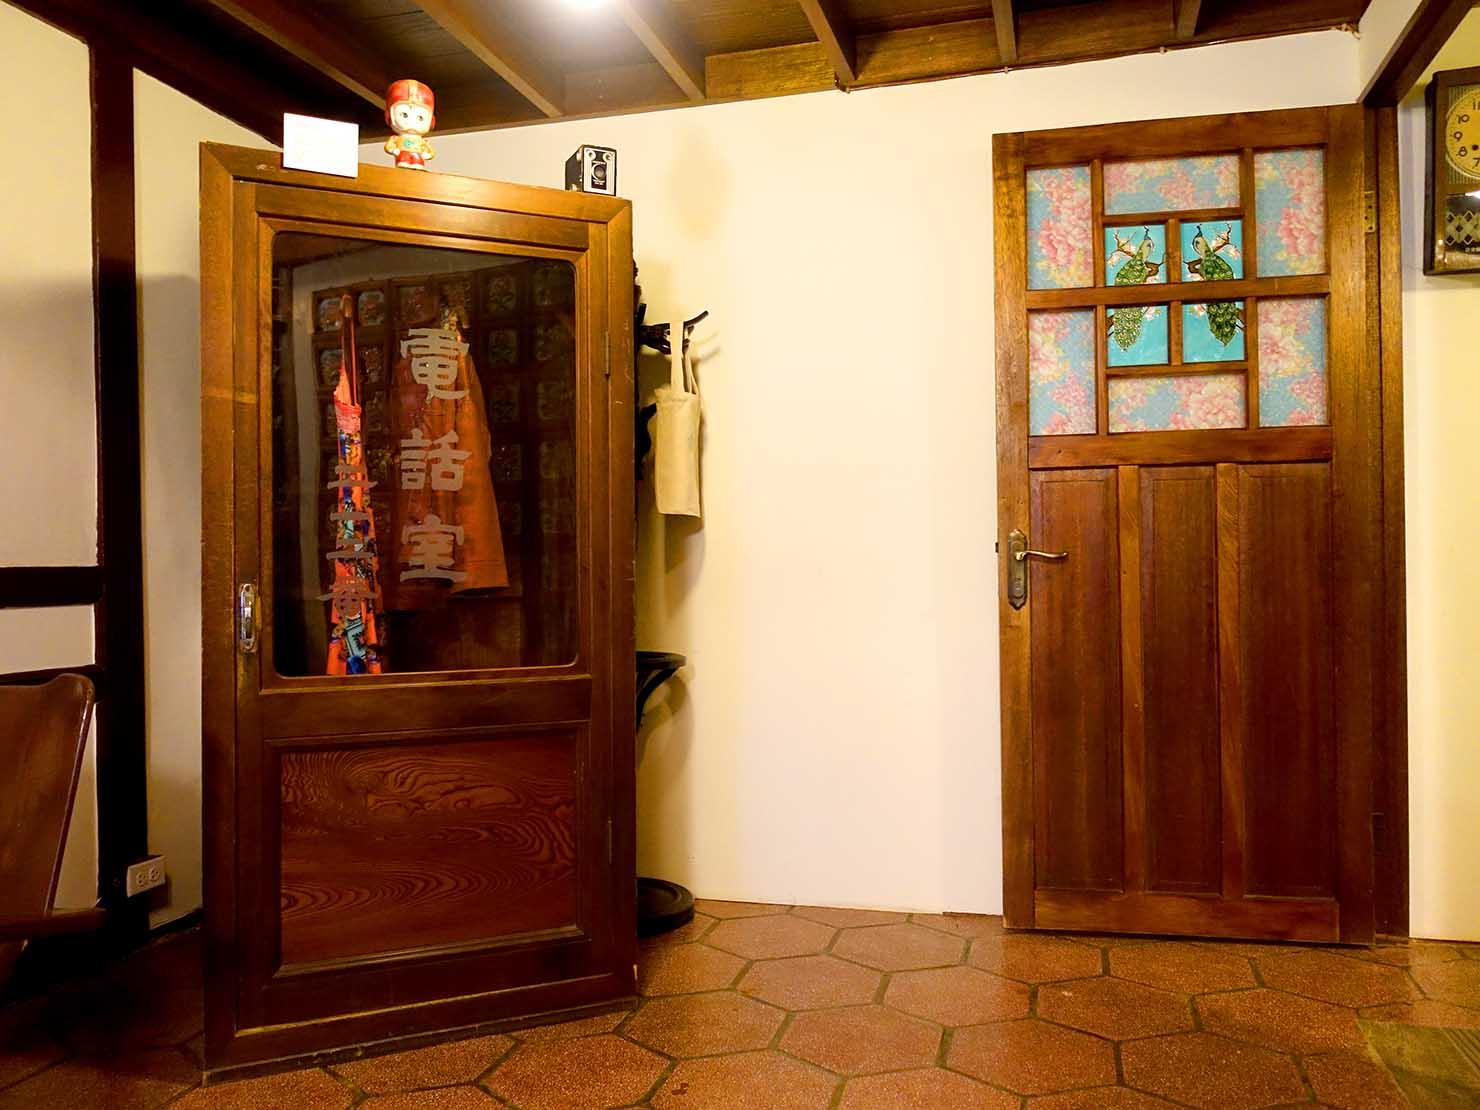 嘉義のおすすめ観光スポット「台灣花磚博物館」2Fに展示された電話ボックス